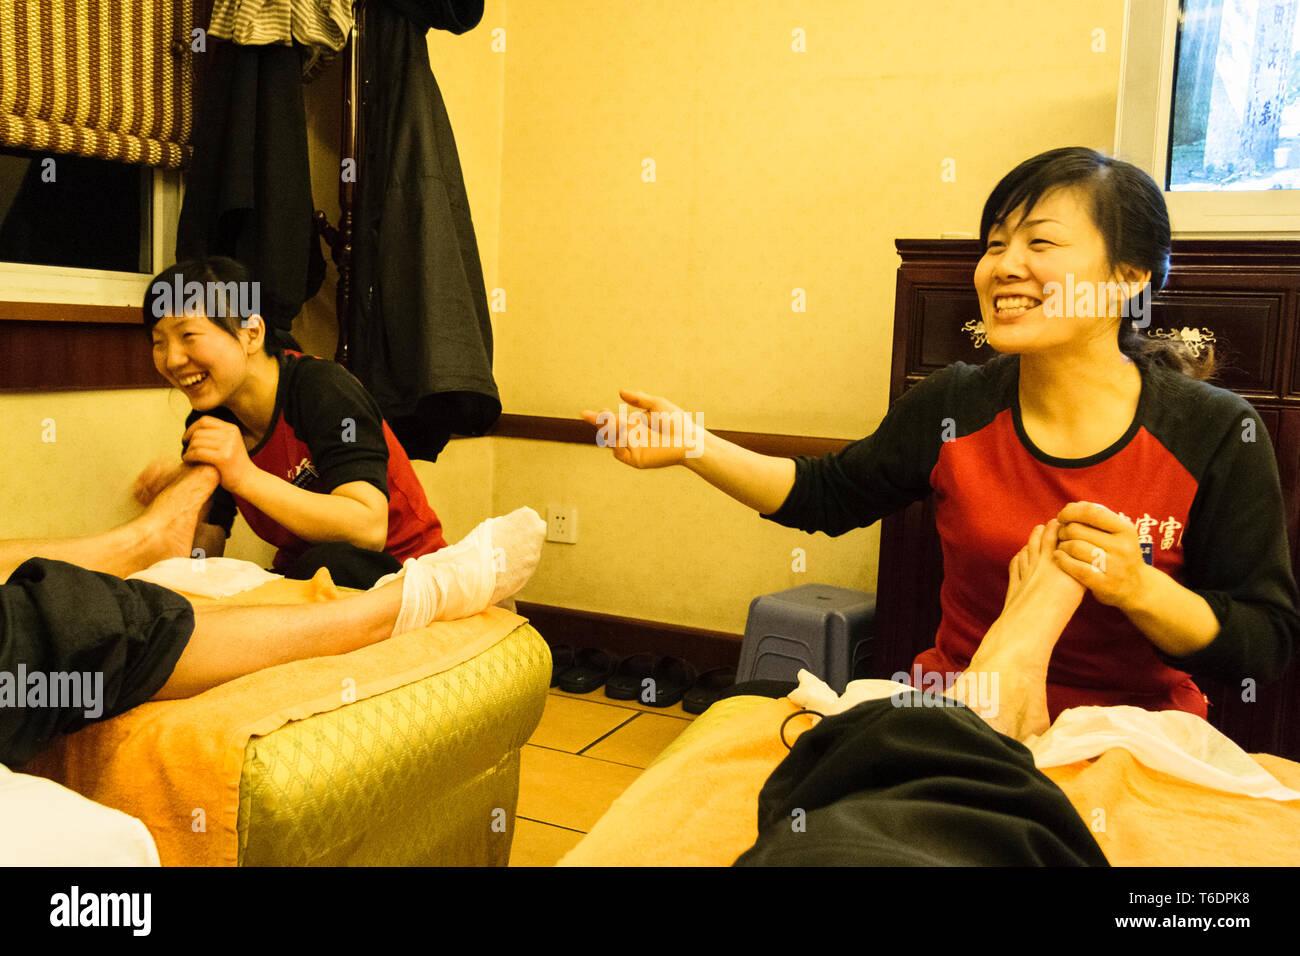 sesso saloni di massaggio a Singapore elenco di mature porno attrici